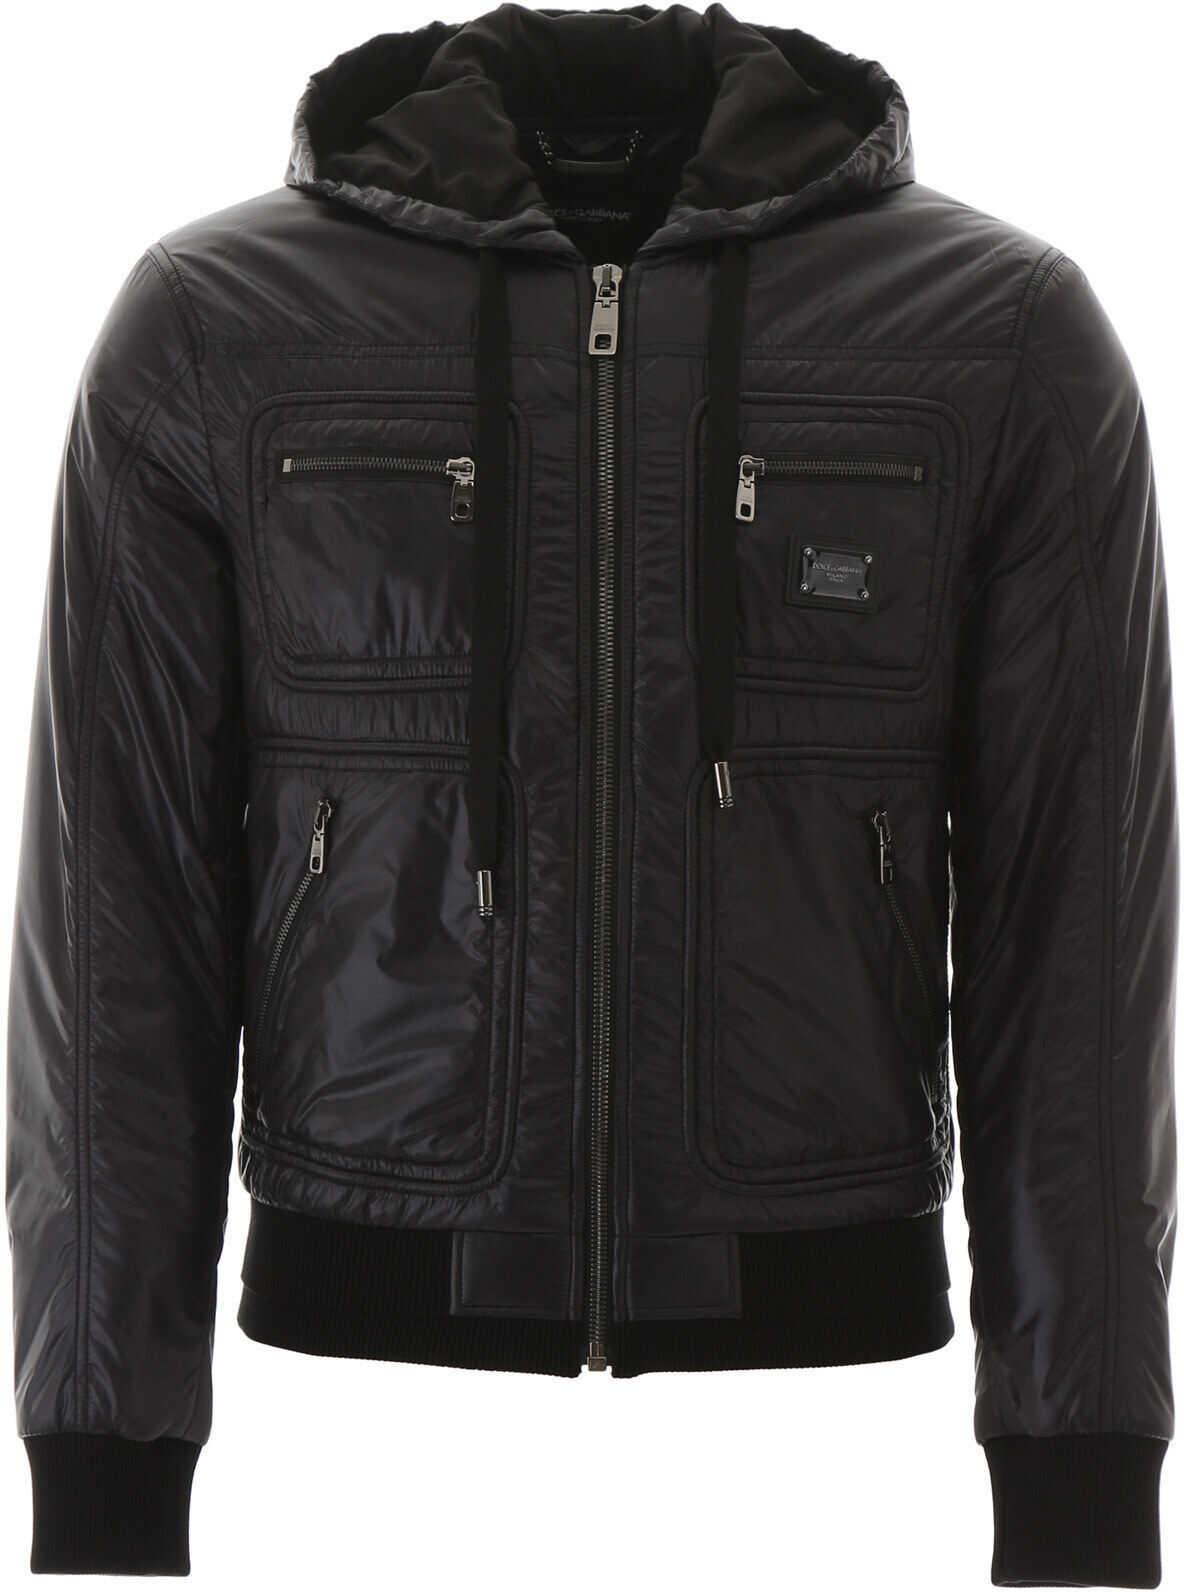 Dolce & Gabbana Hooded Bomber Jacket NERO imagine